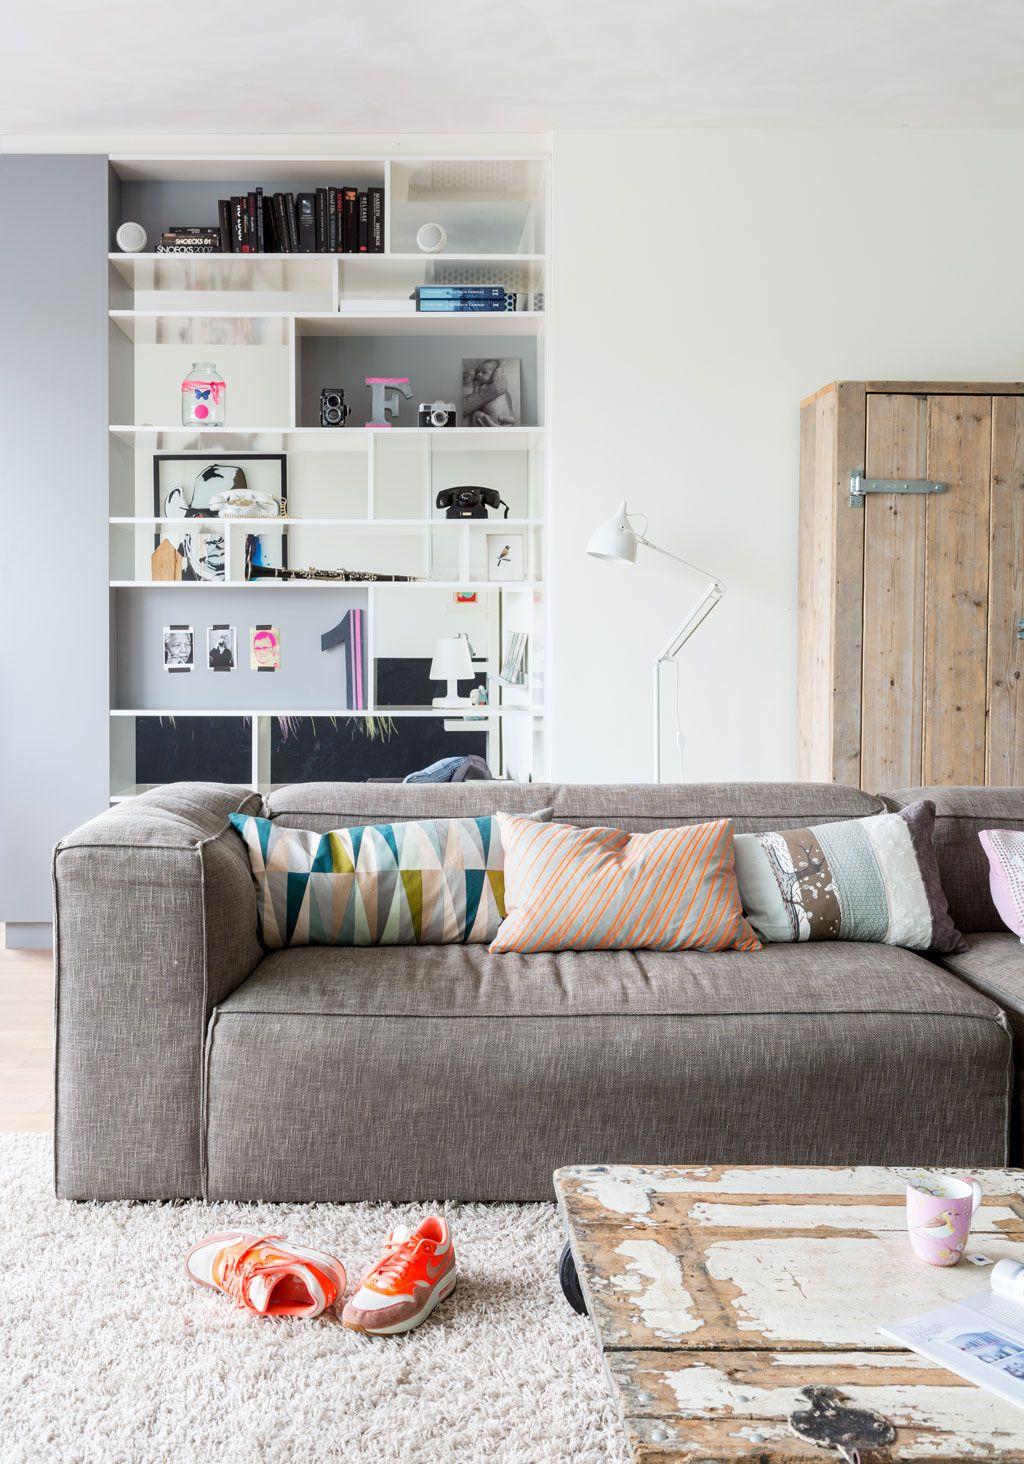 Ons eigen huis! Styling: Sabine Burkunk. Photo: Hans Mossel | vtwonen De hele reportage vind je op de website van Buro Binnenhuis.